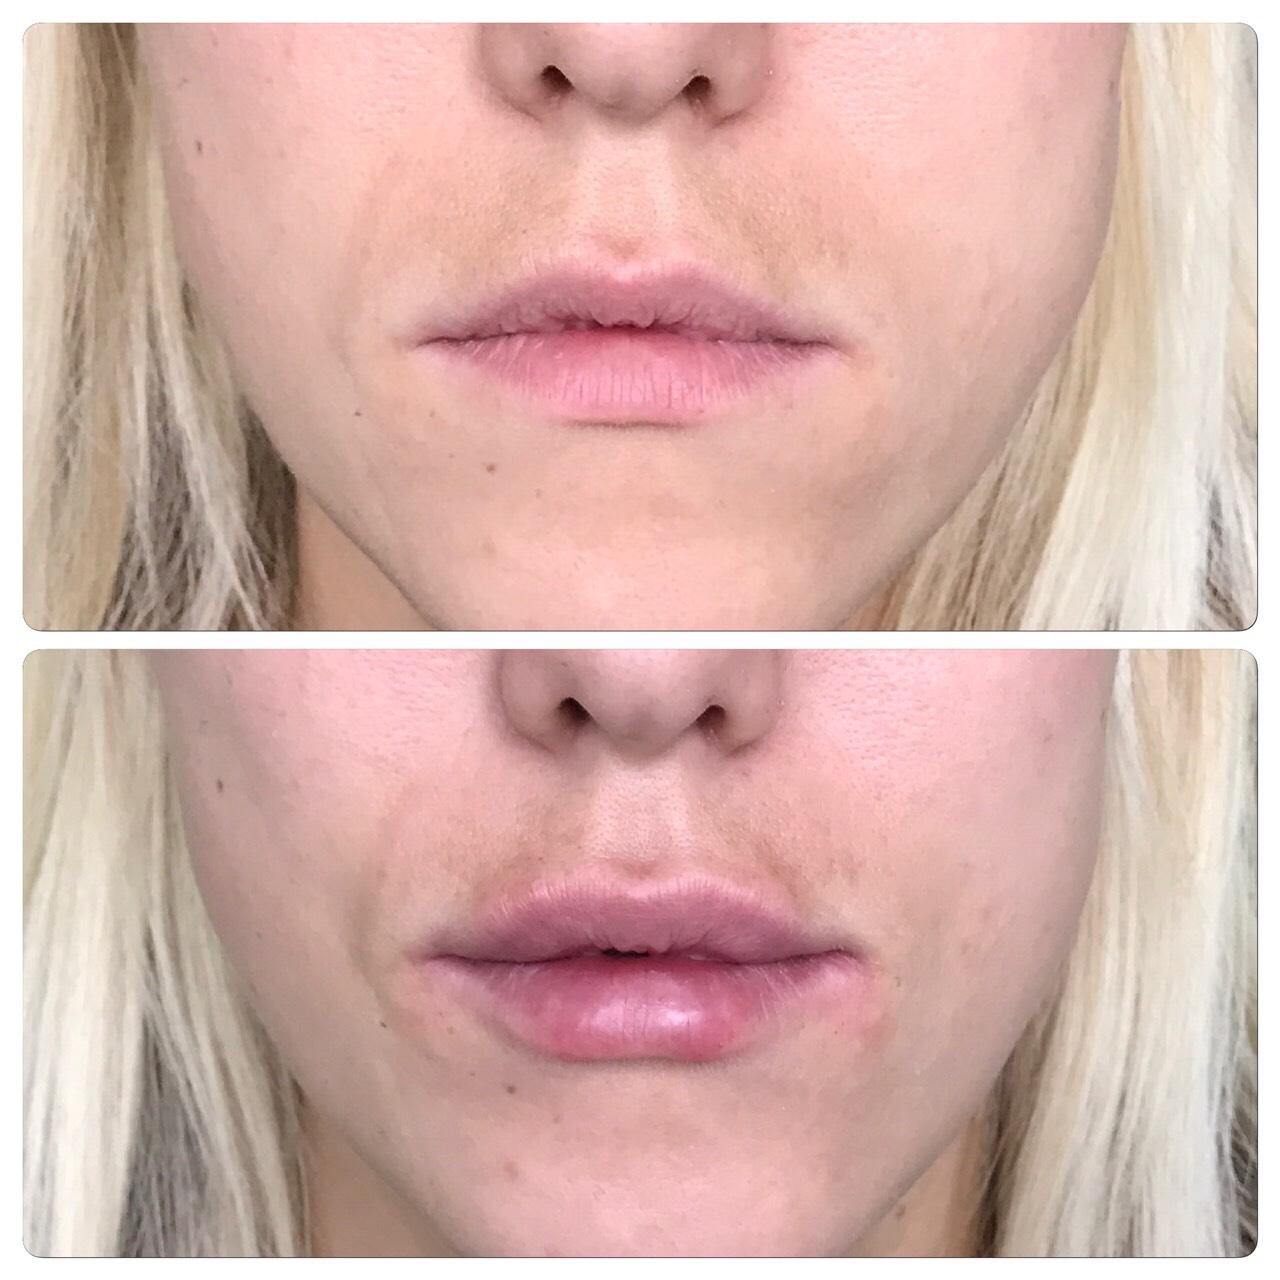 Филлинг губ. Увеличение губ при помощи филлера